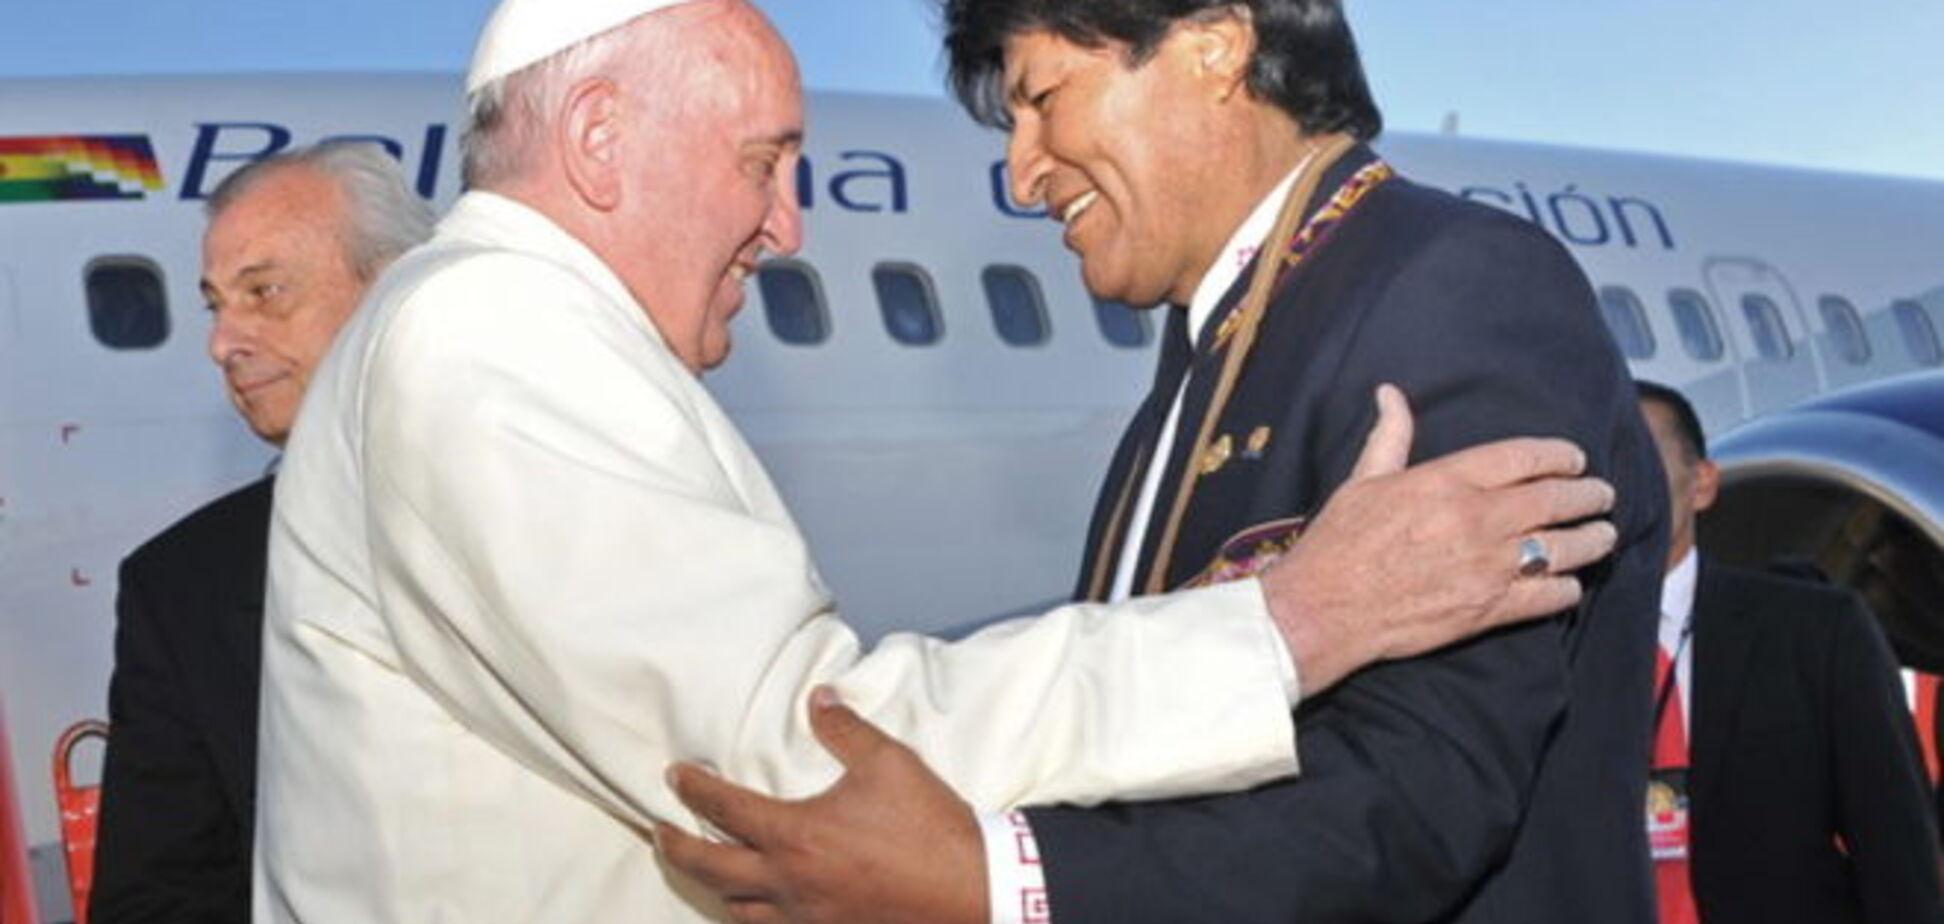 Папа Франциск говорил в Боливии об опасностях капитализма и пил чай из коки